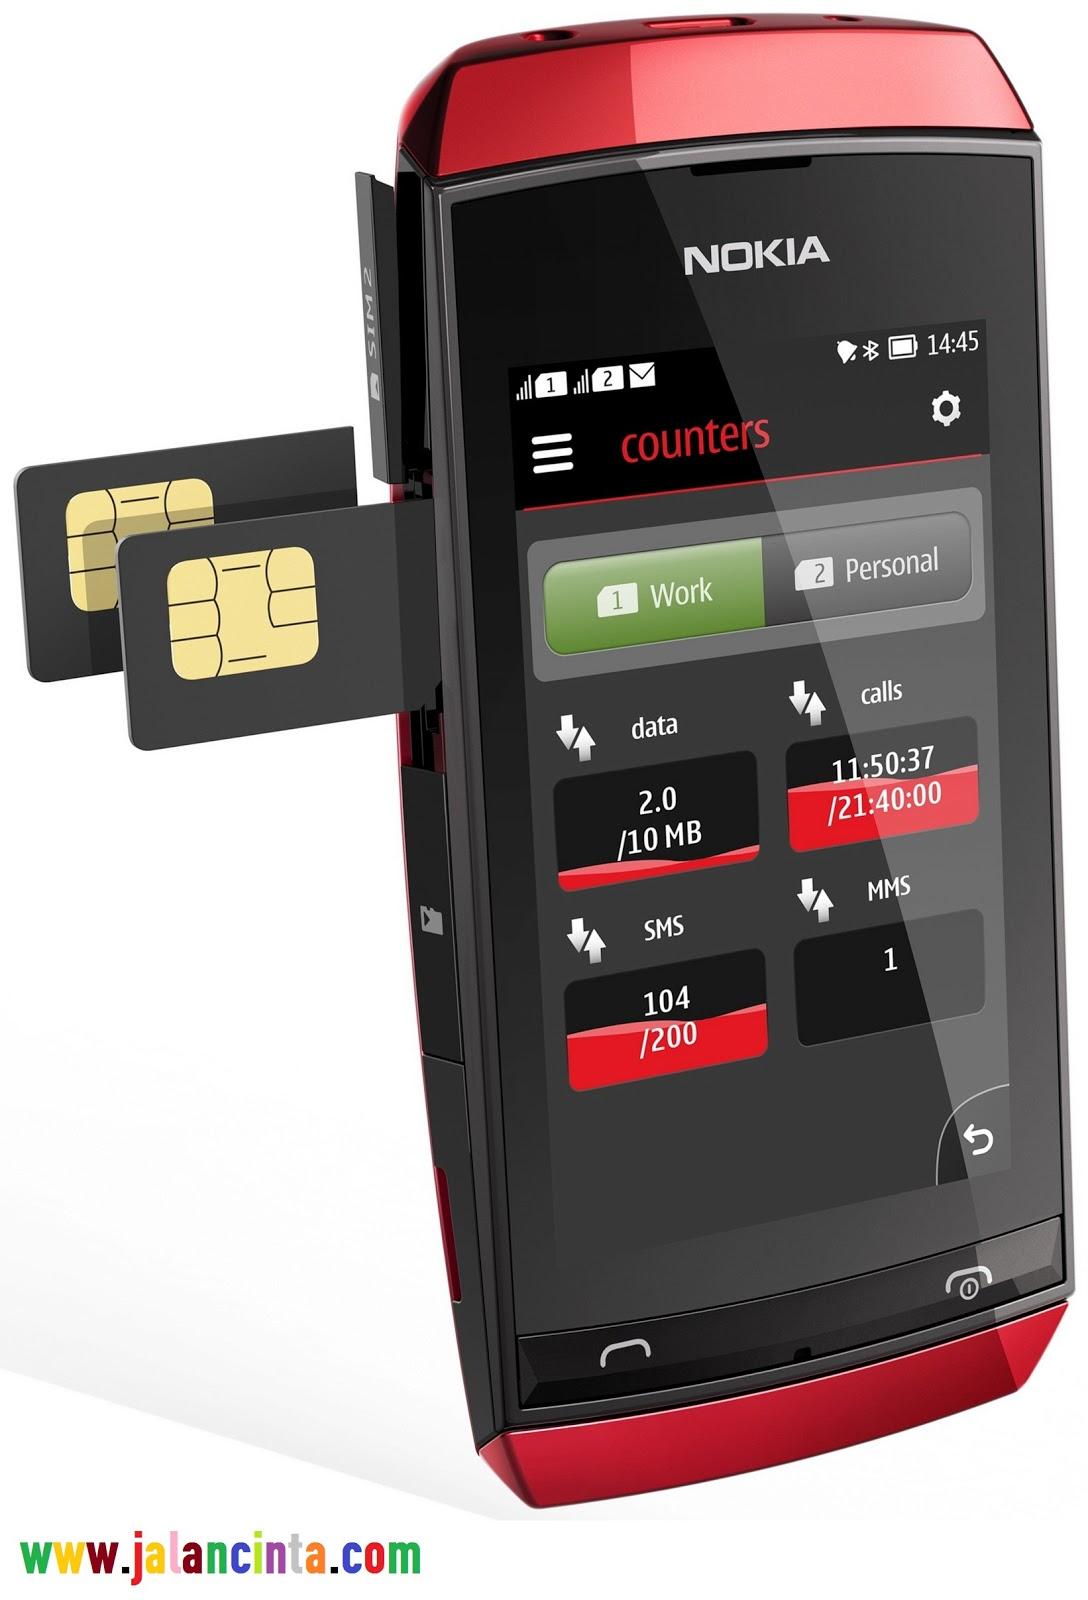 Aplikasi Nokia Asha 305 Terbaru 2013